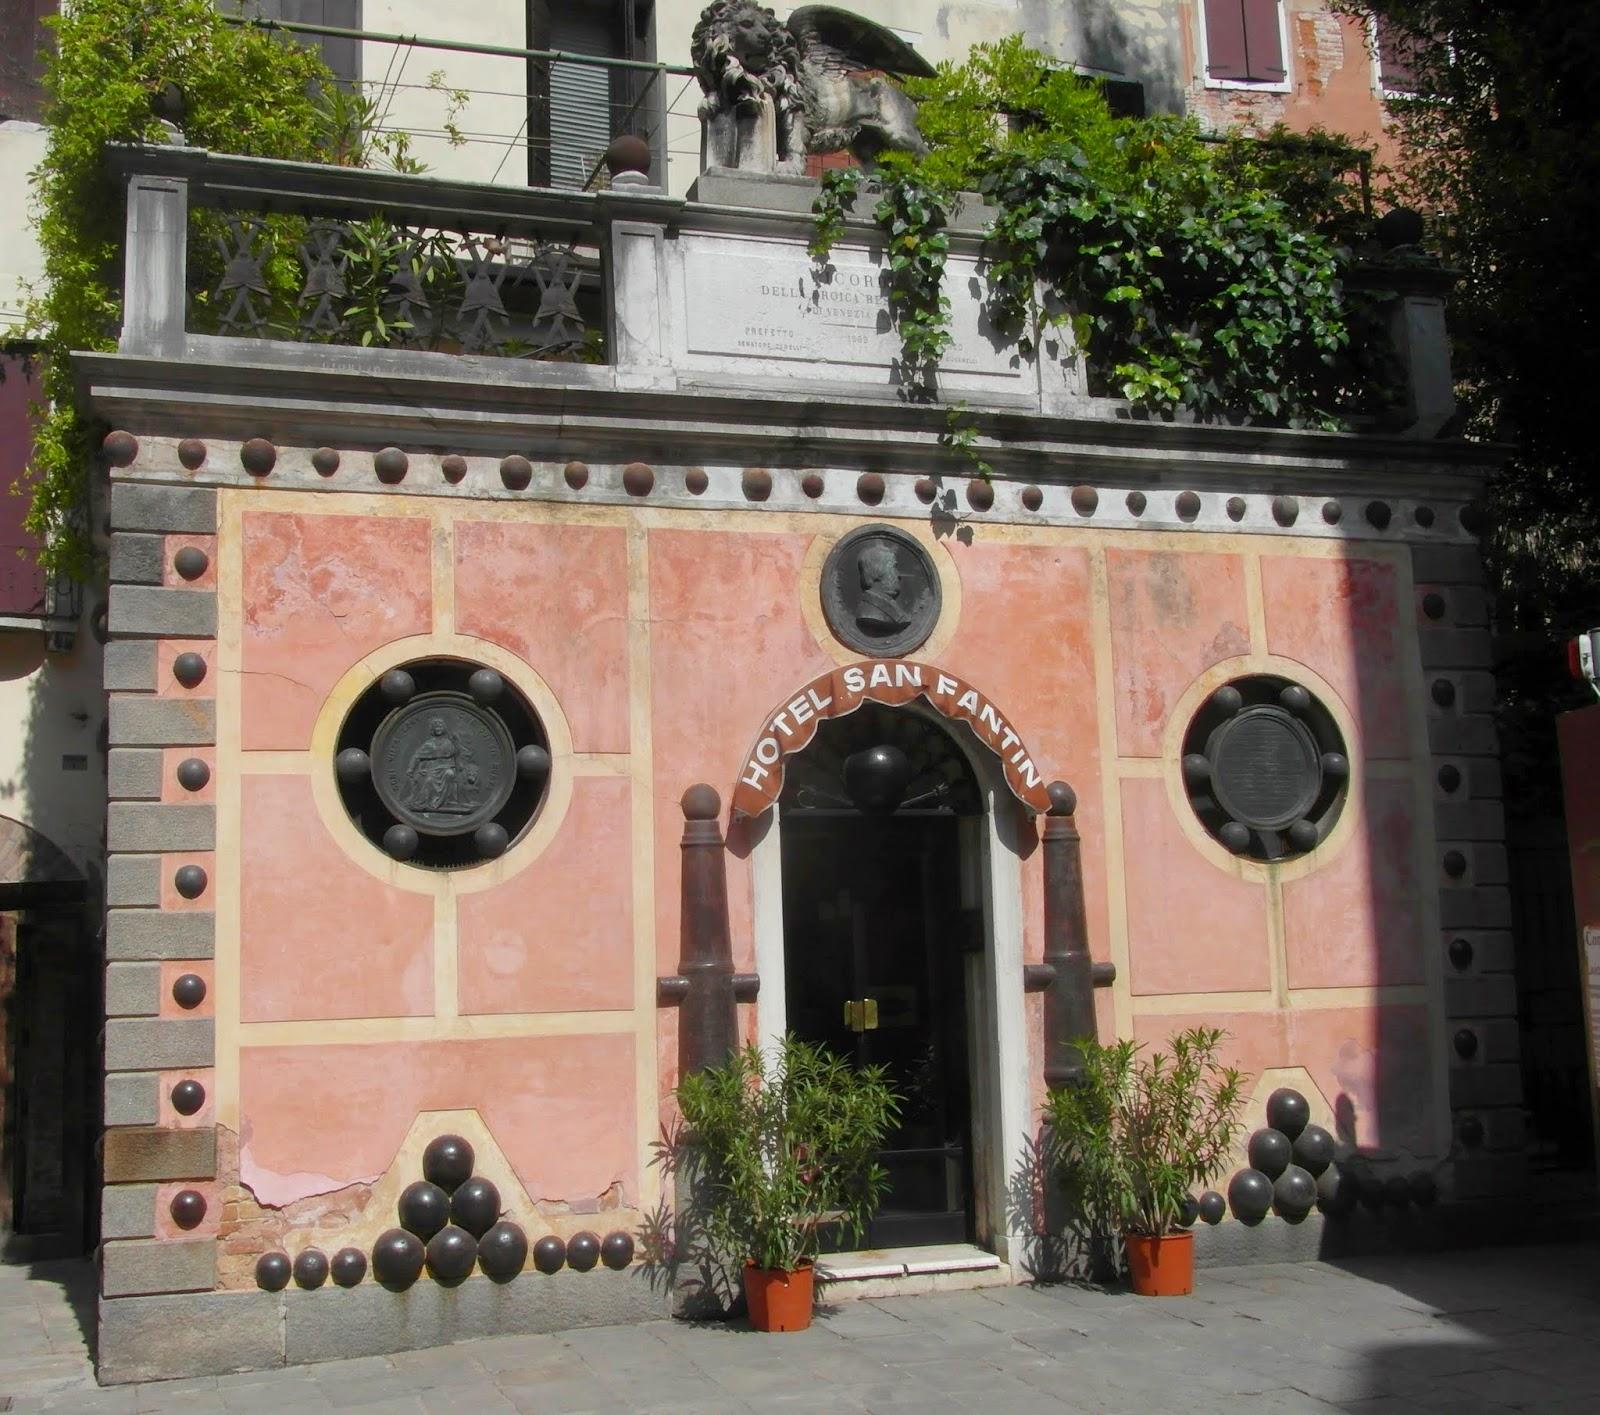 Daniele Manin and the Hotel San Fantin, Venice